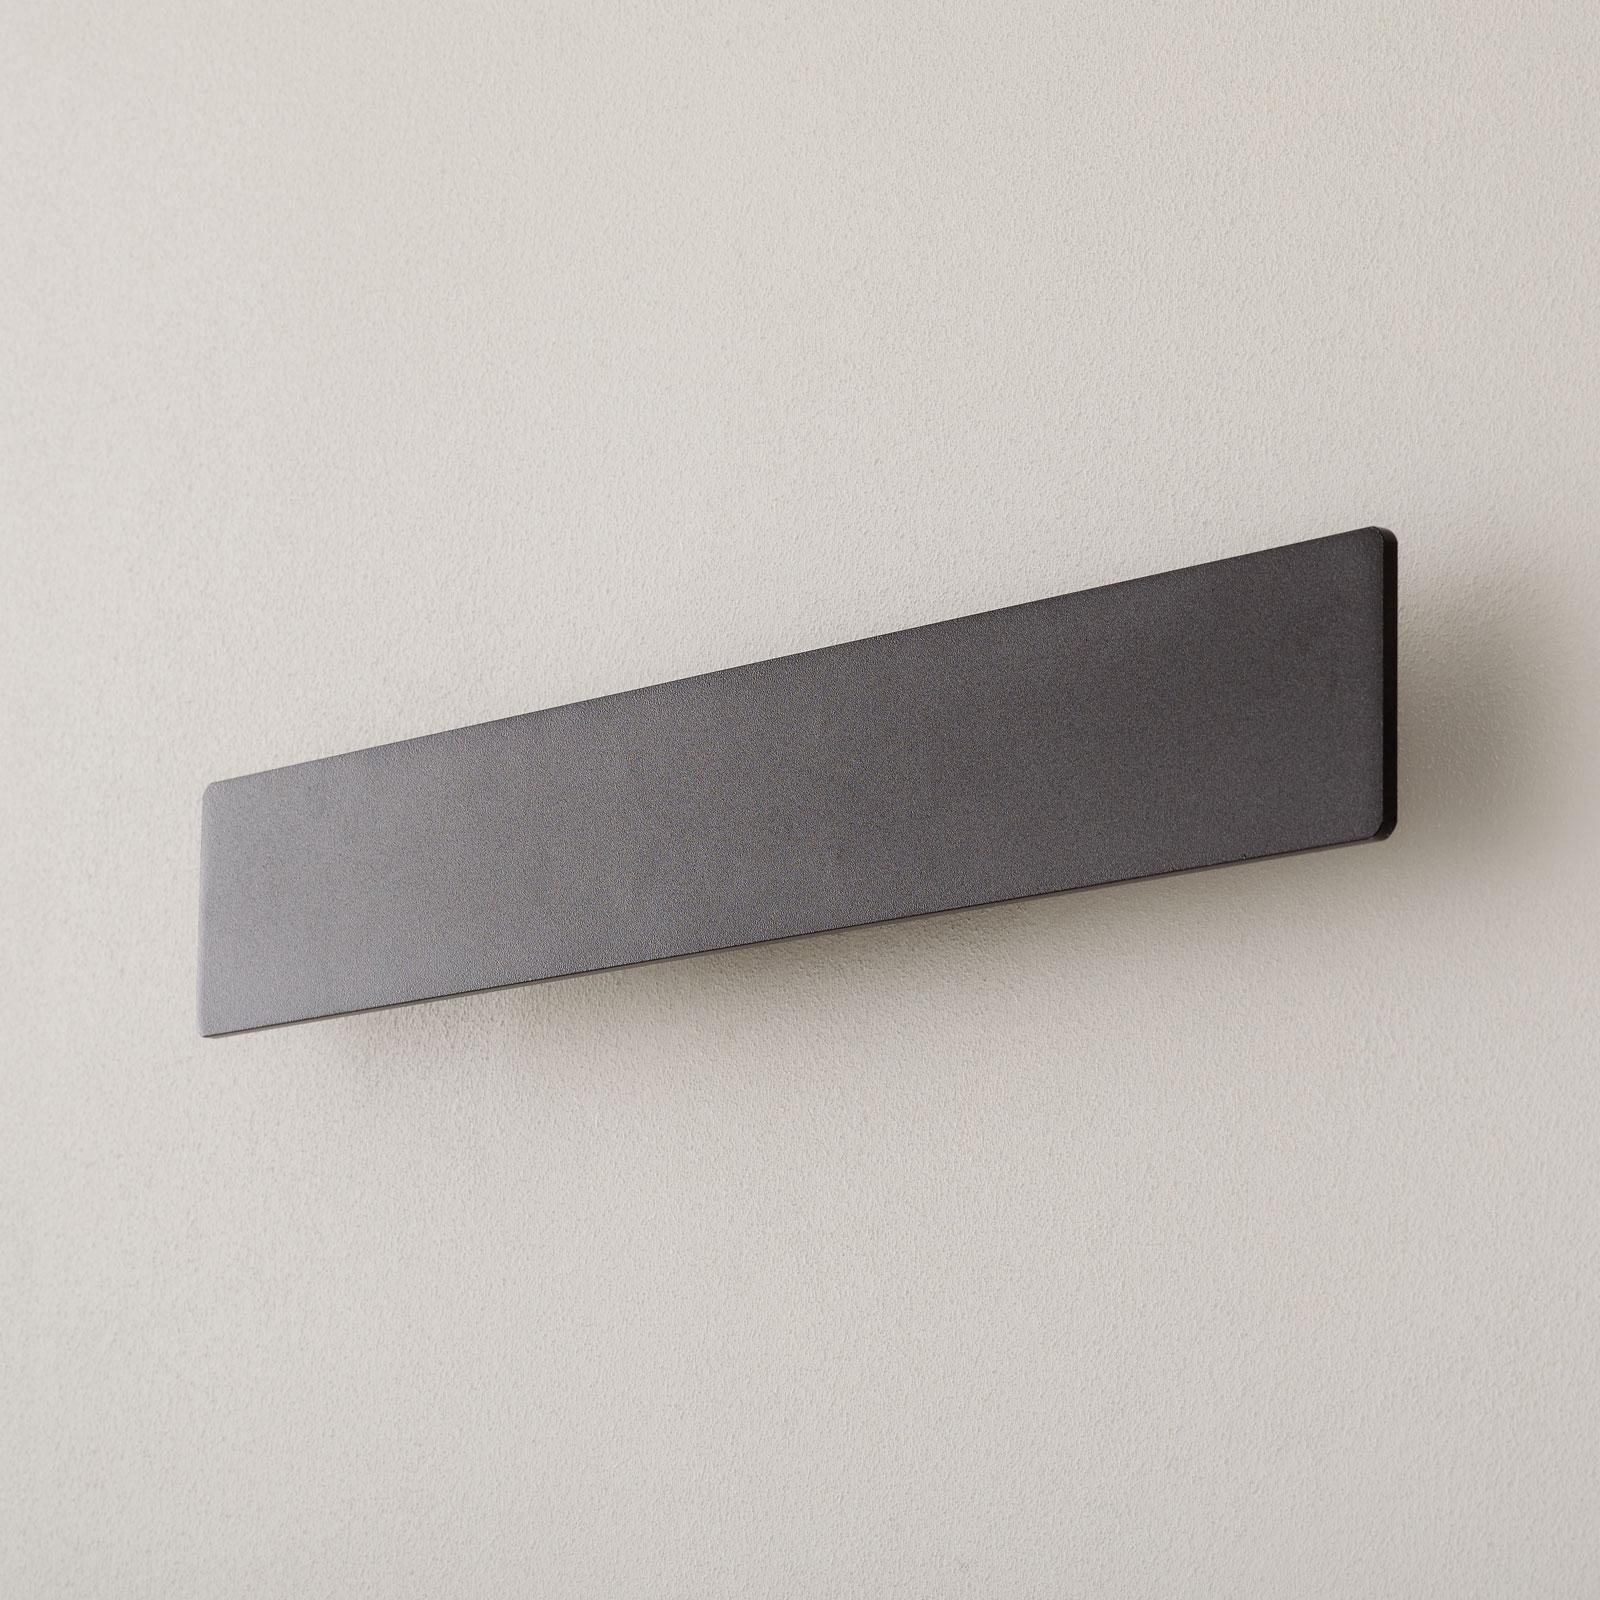 LED-Wandleuchte Zig Zag schwarz, Breite 53 cm